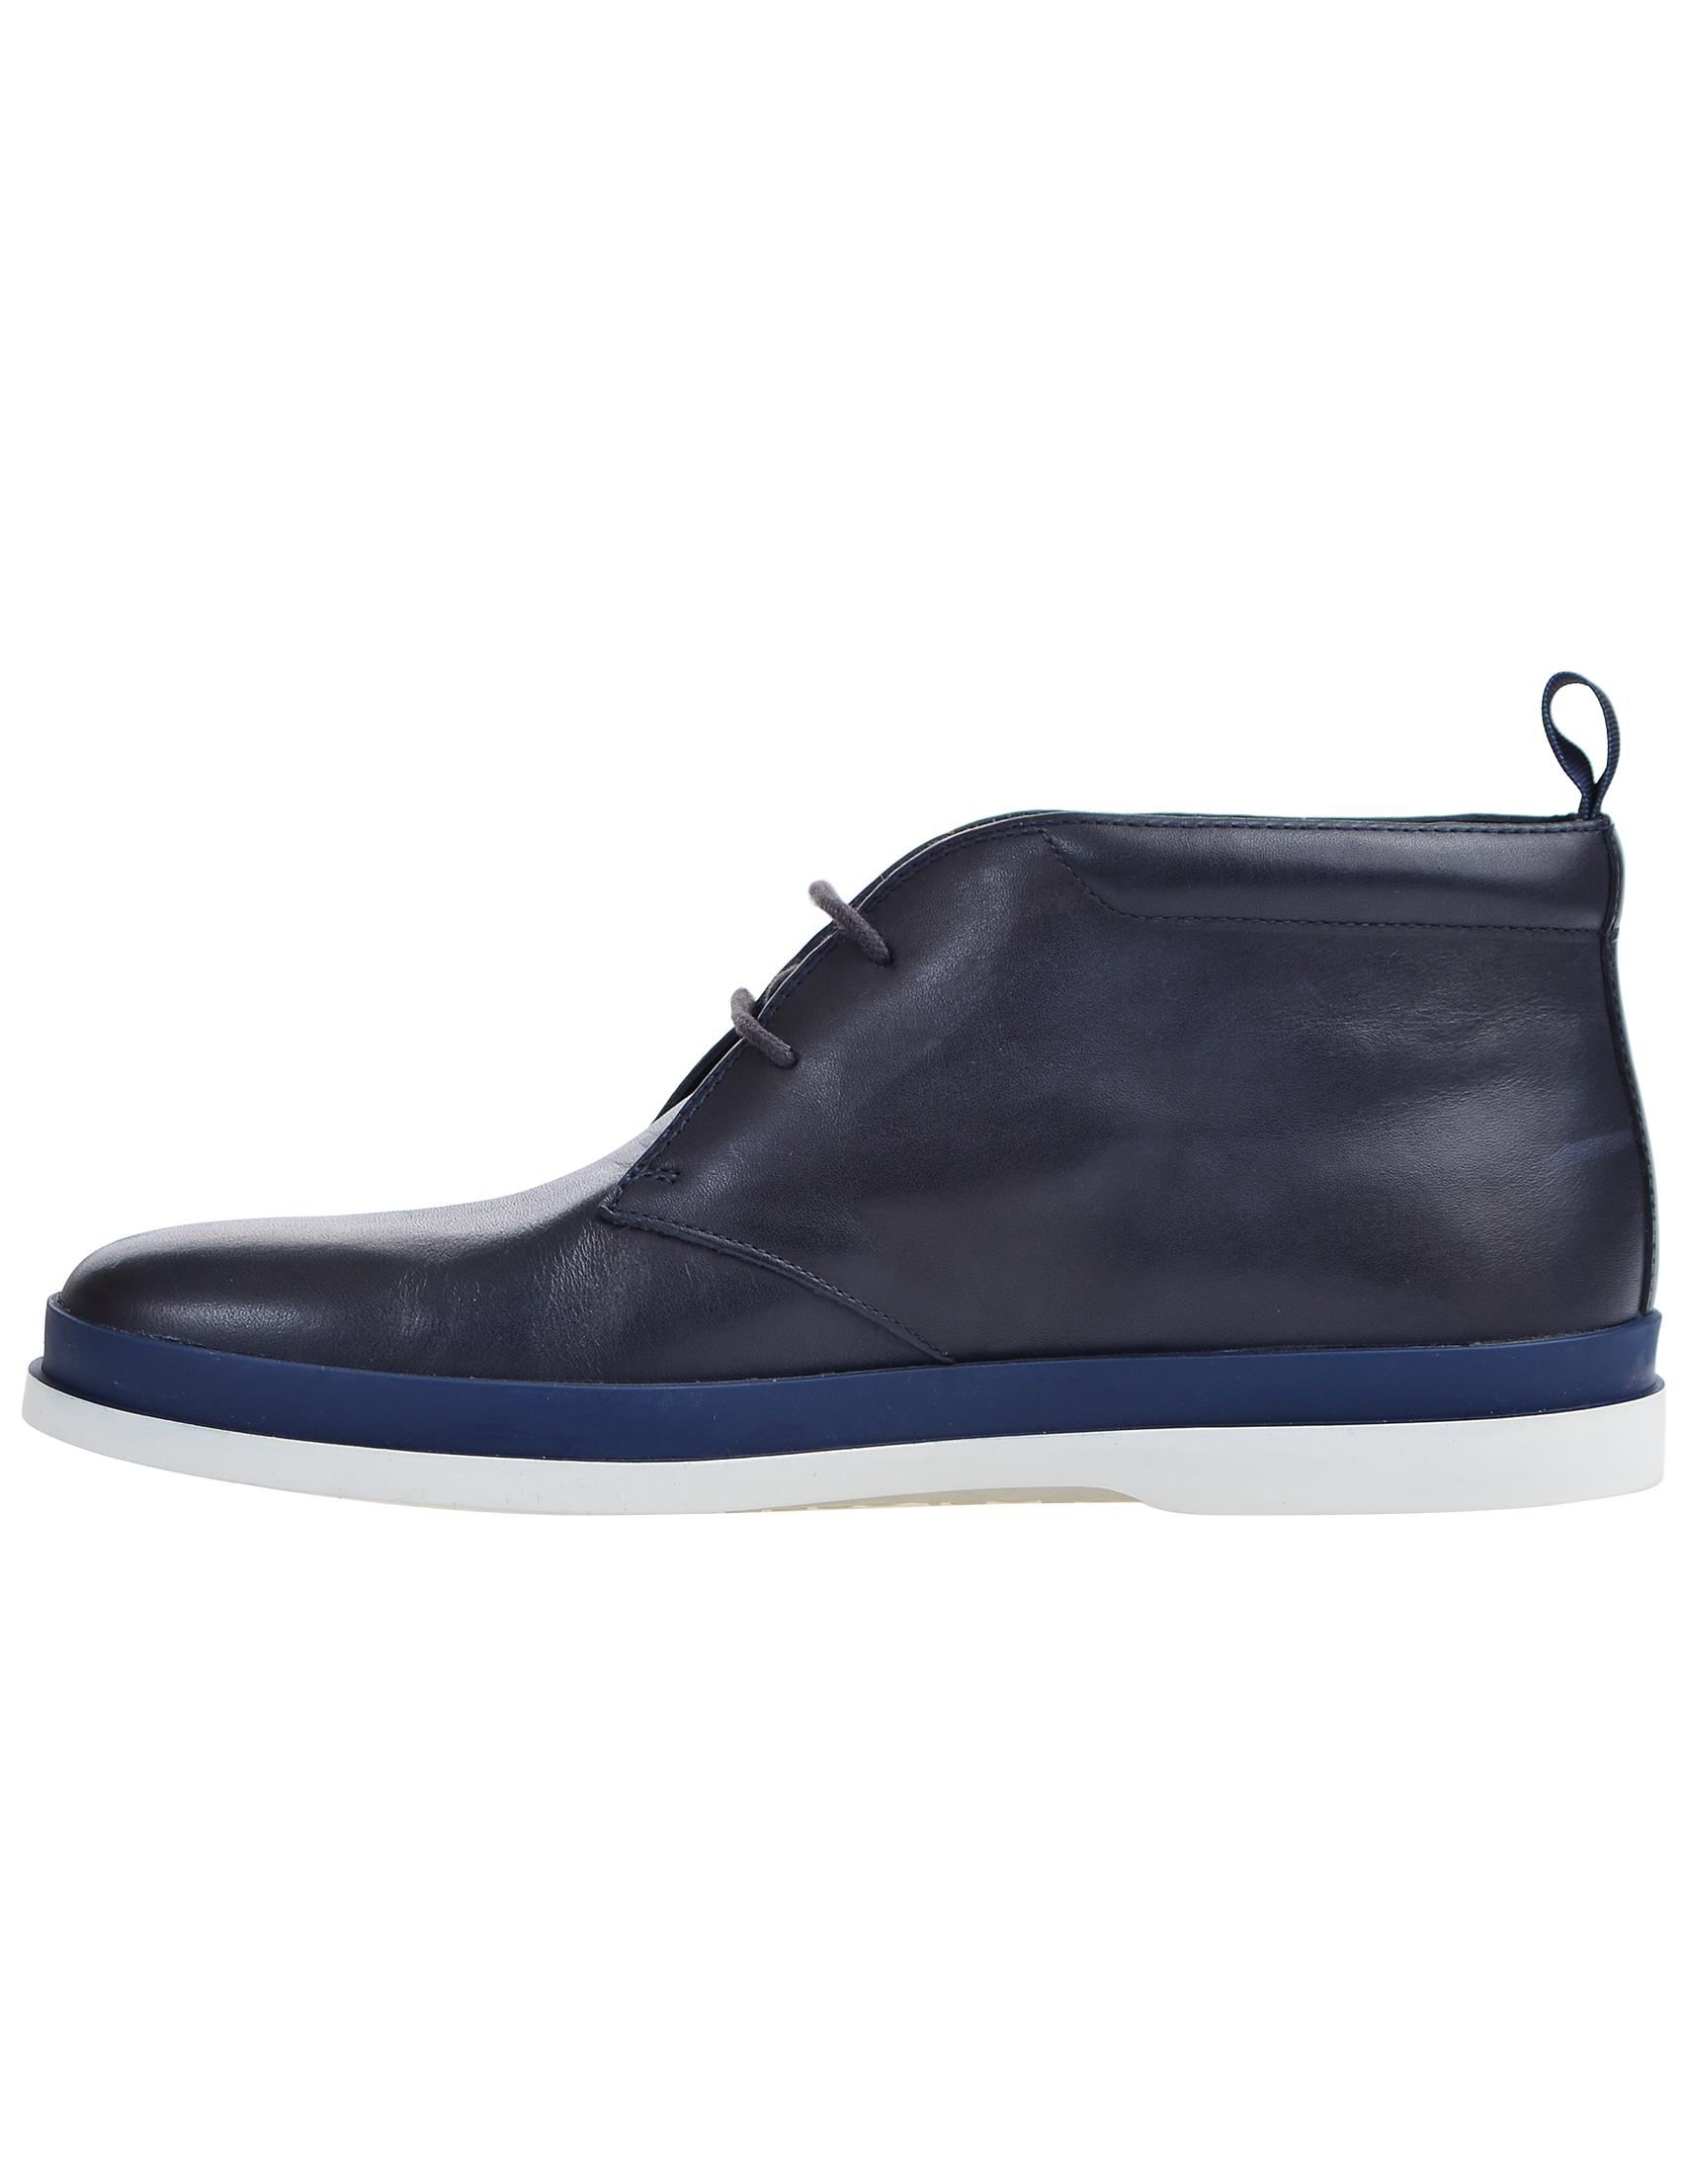 Фото 5 - мужские ботинки и полуботинки  синего цвета